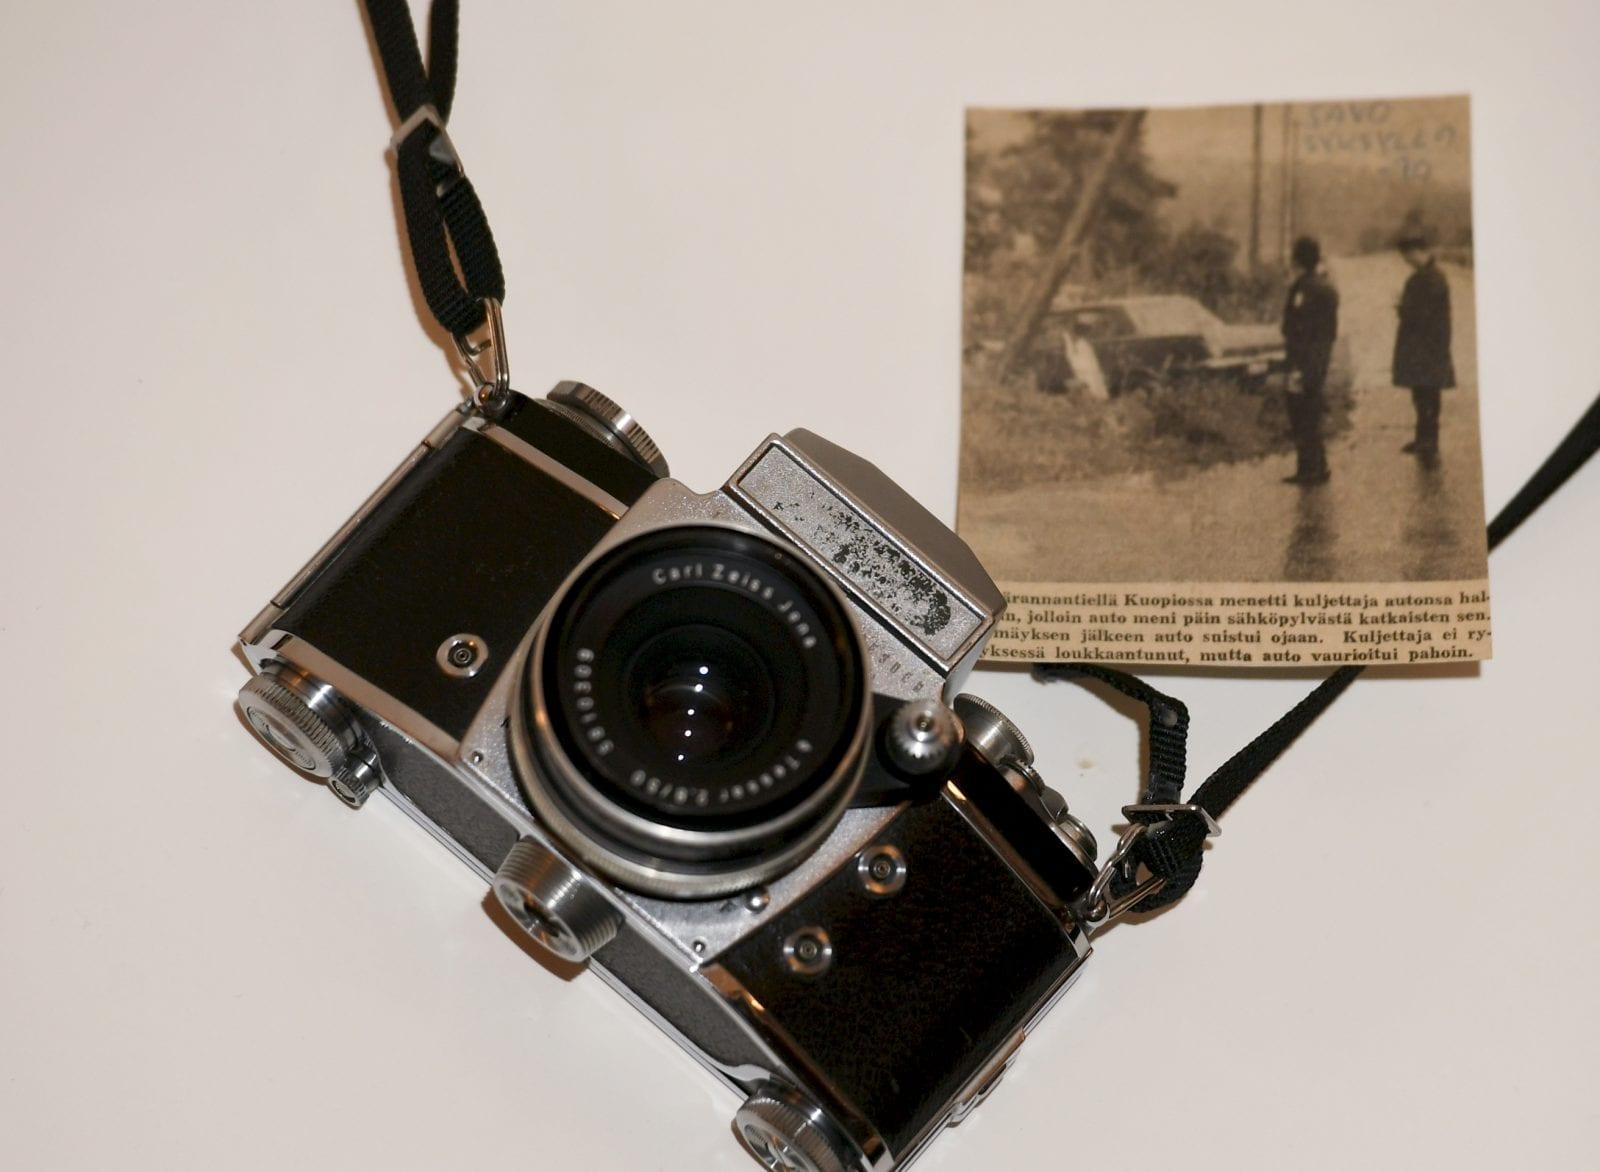 Vanha kamera ja lehtileike, jossa näkyvän kuvan Martti Kainulainen on kyseisellä kameralla ottanut.